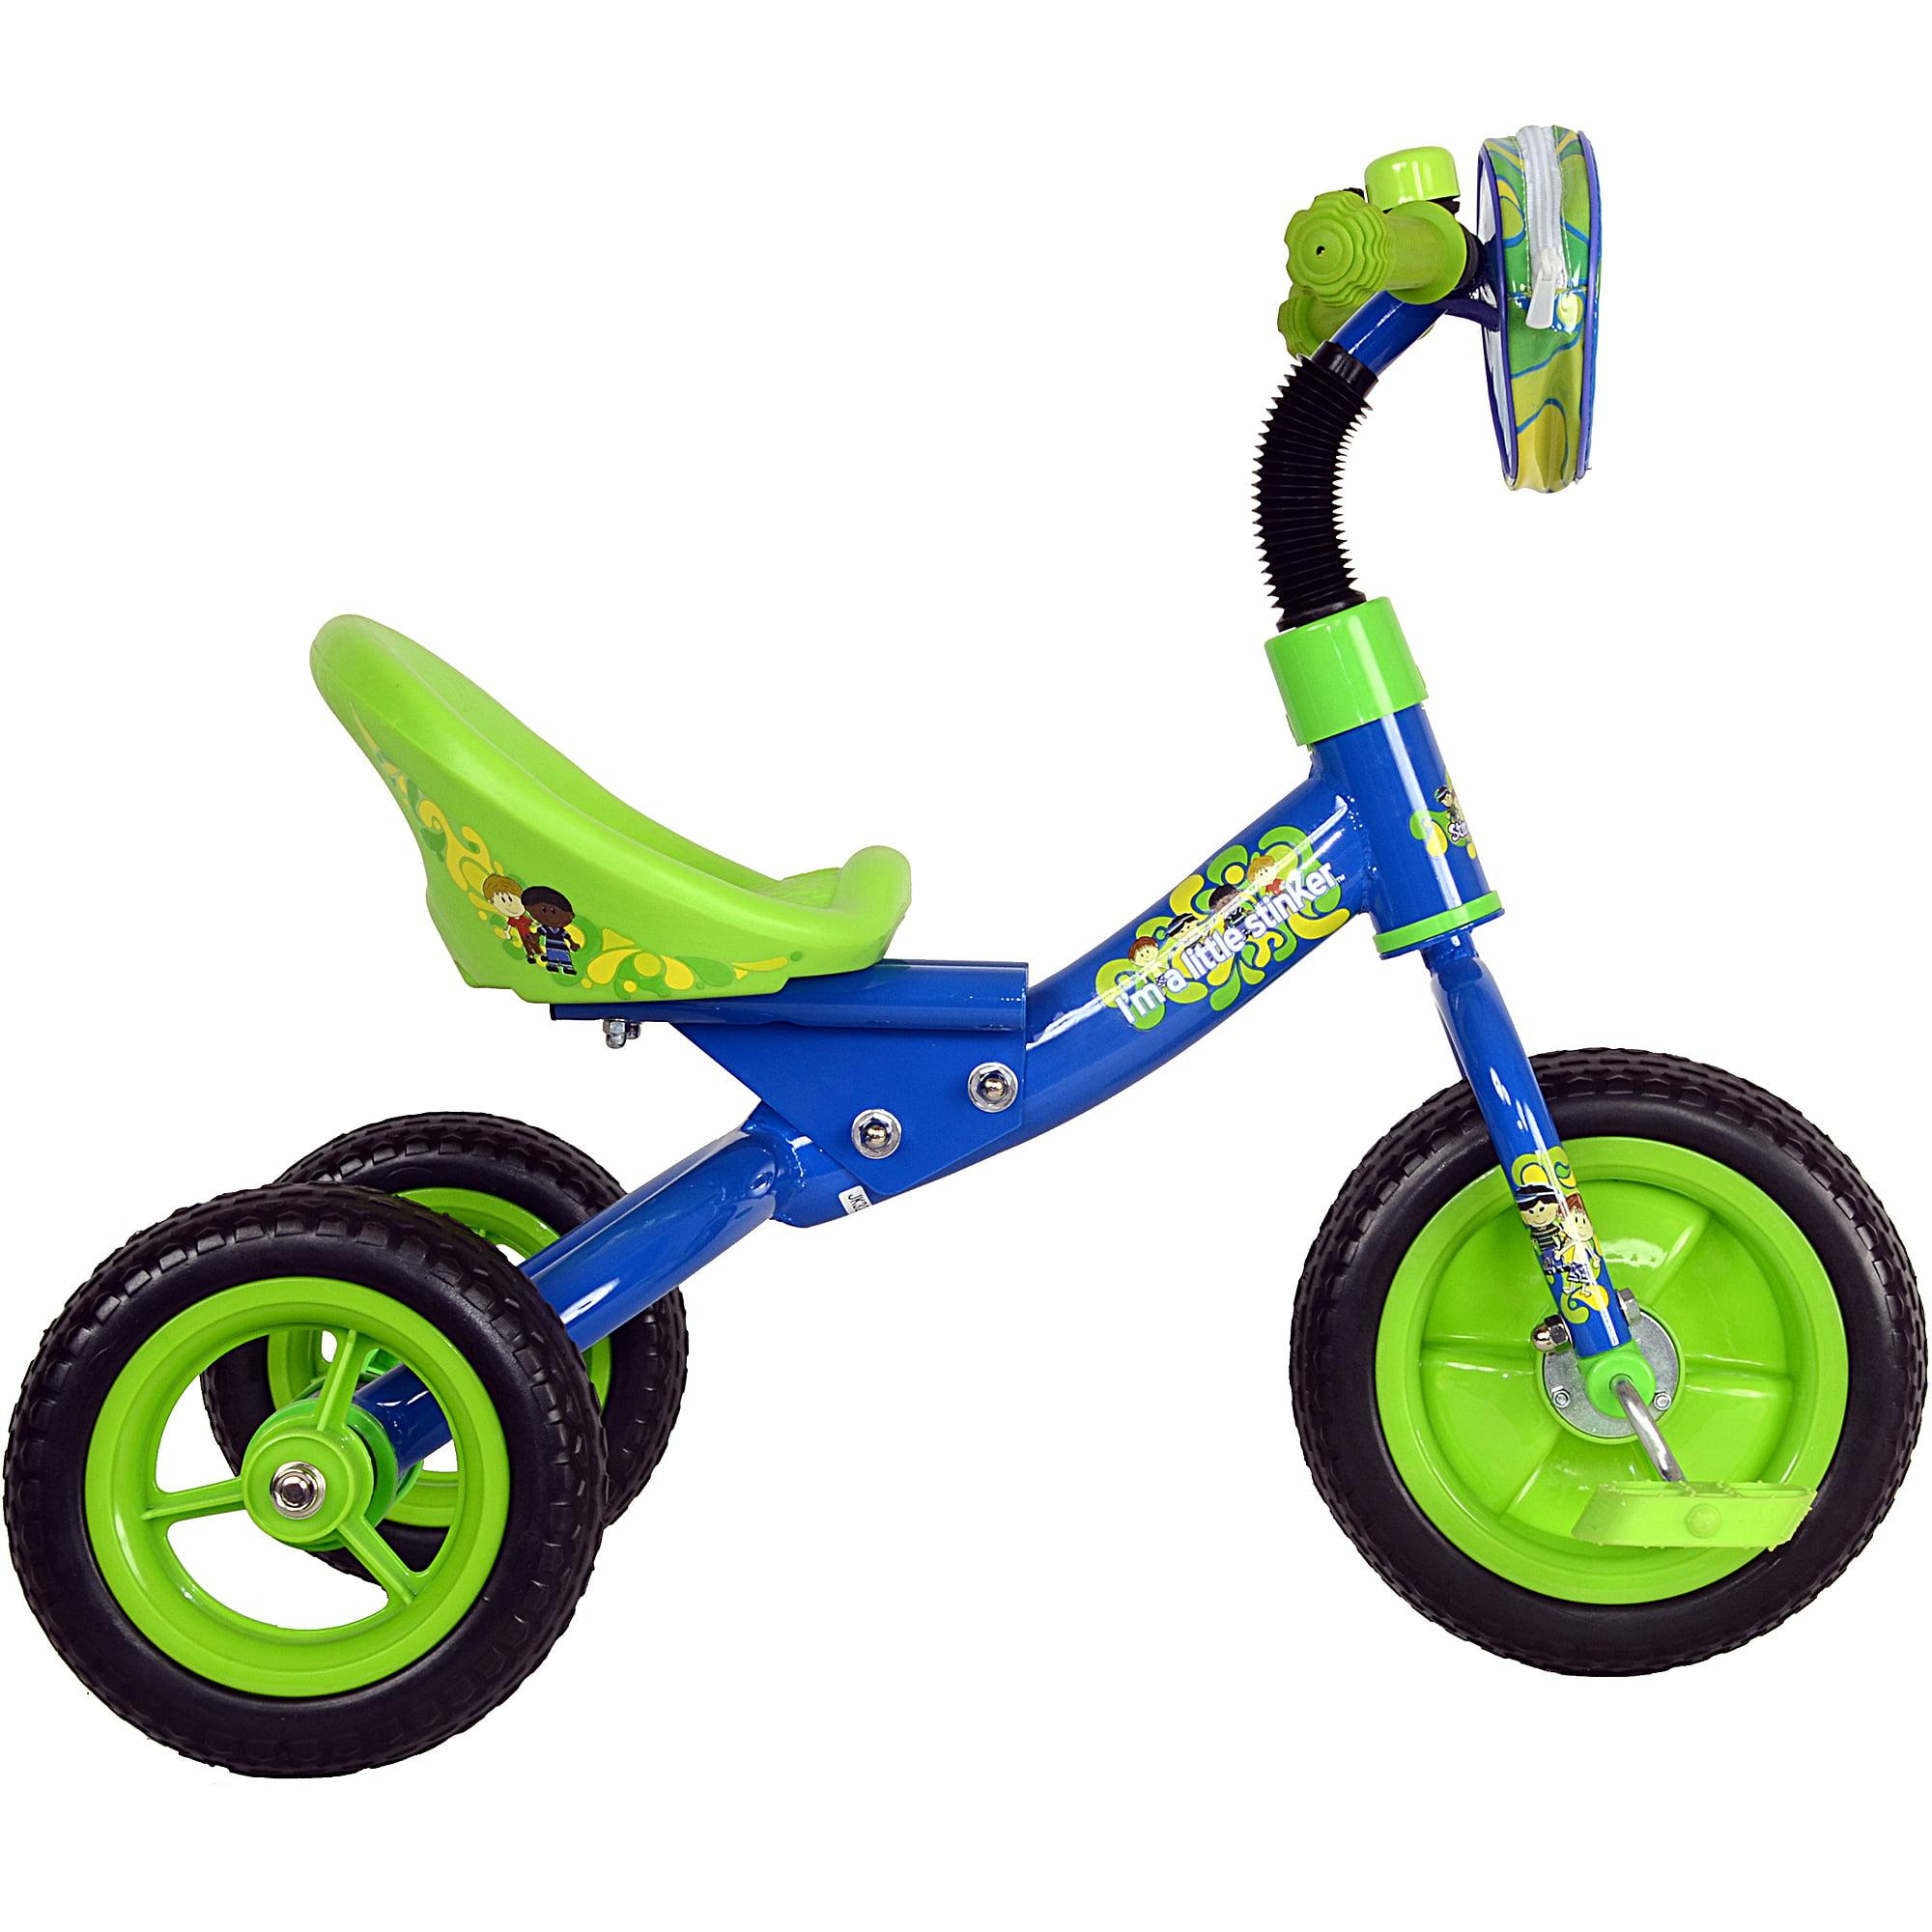 StinkyKids Bucket Rider Boys' Tricycle